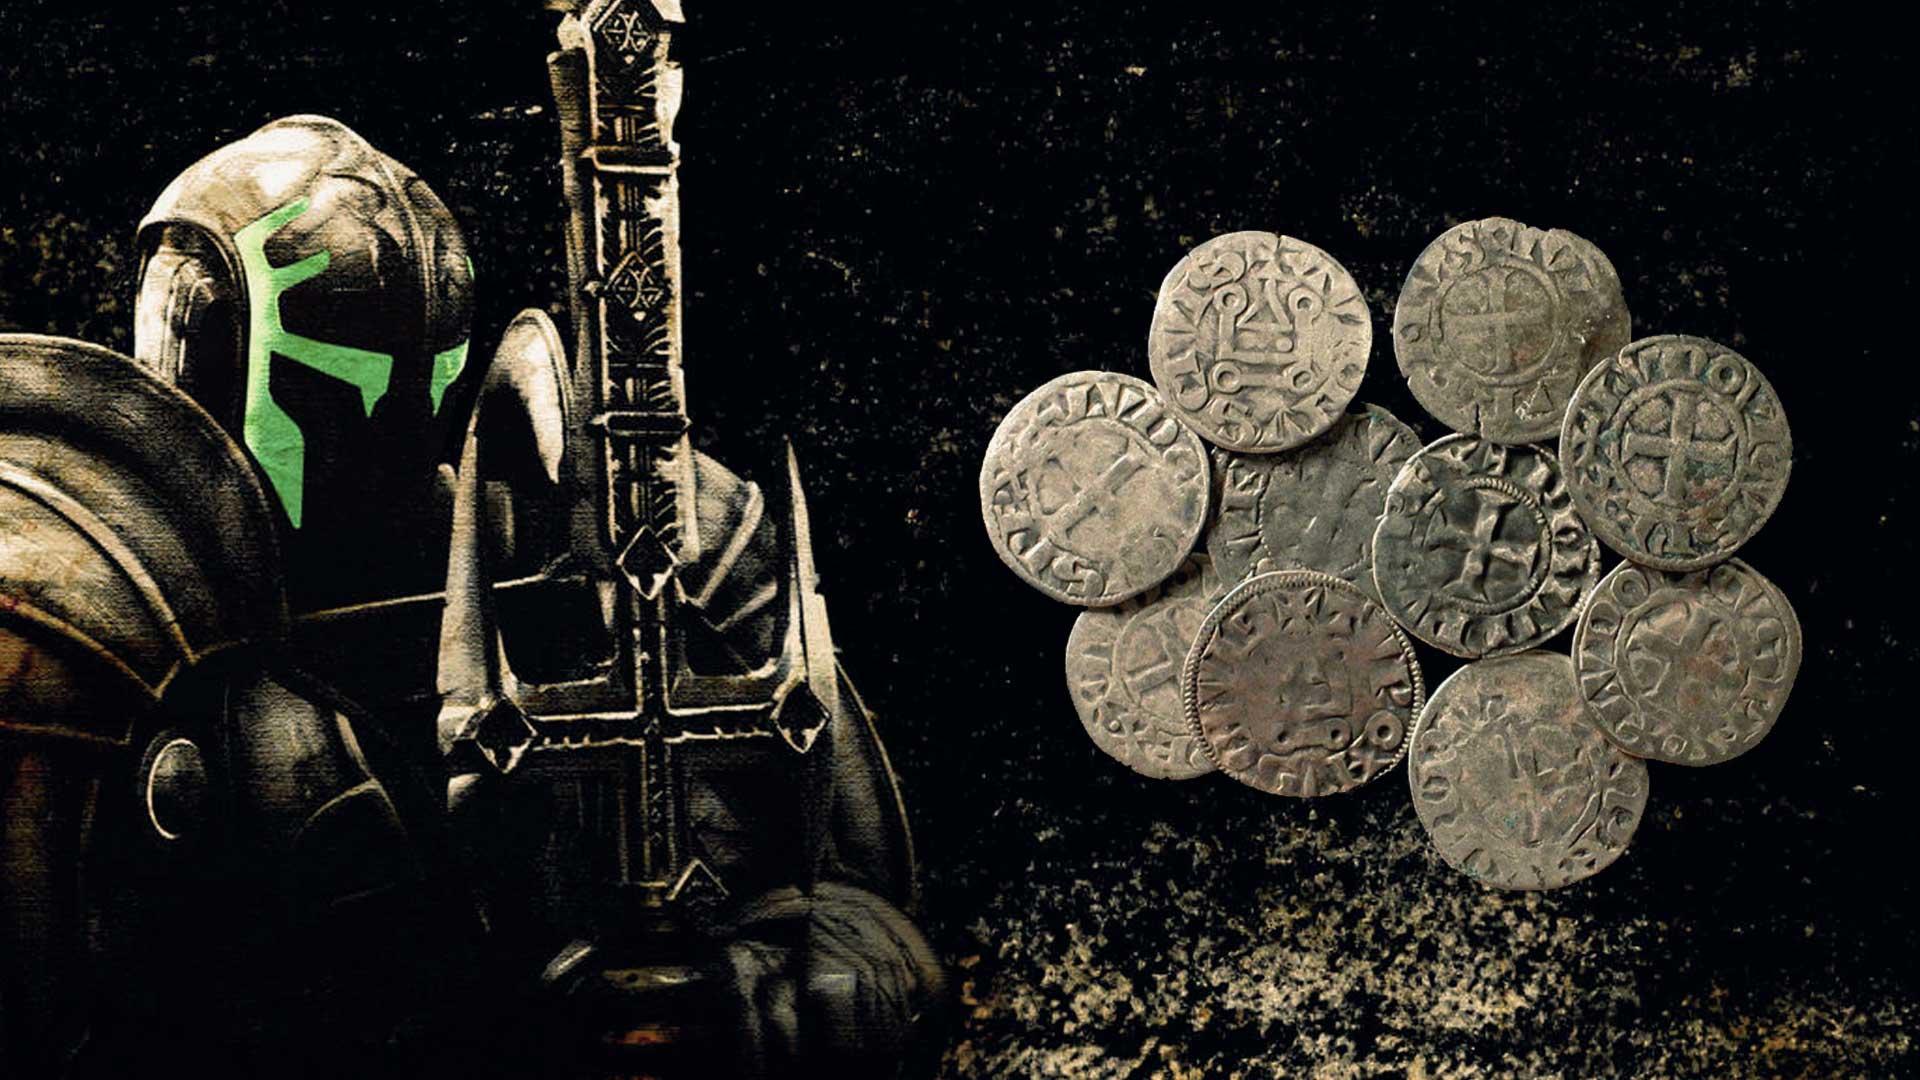 La Sociedad secreta de los Caballeros Templarios ¿Monjes guerreros o guardianes de tesoros sagrados?